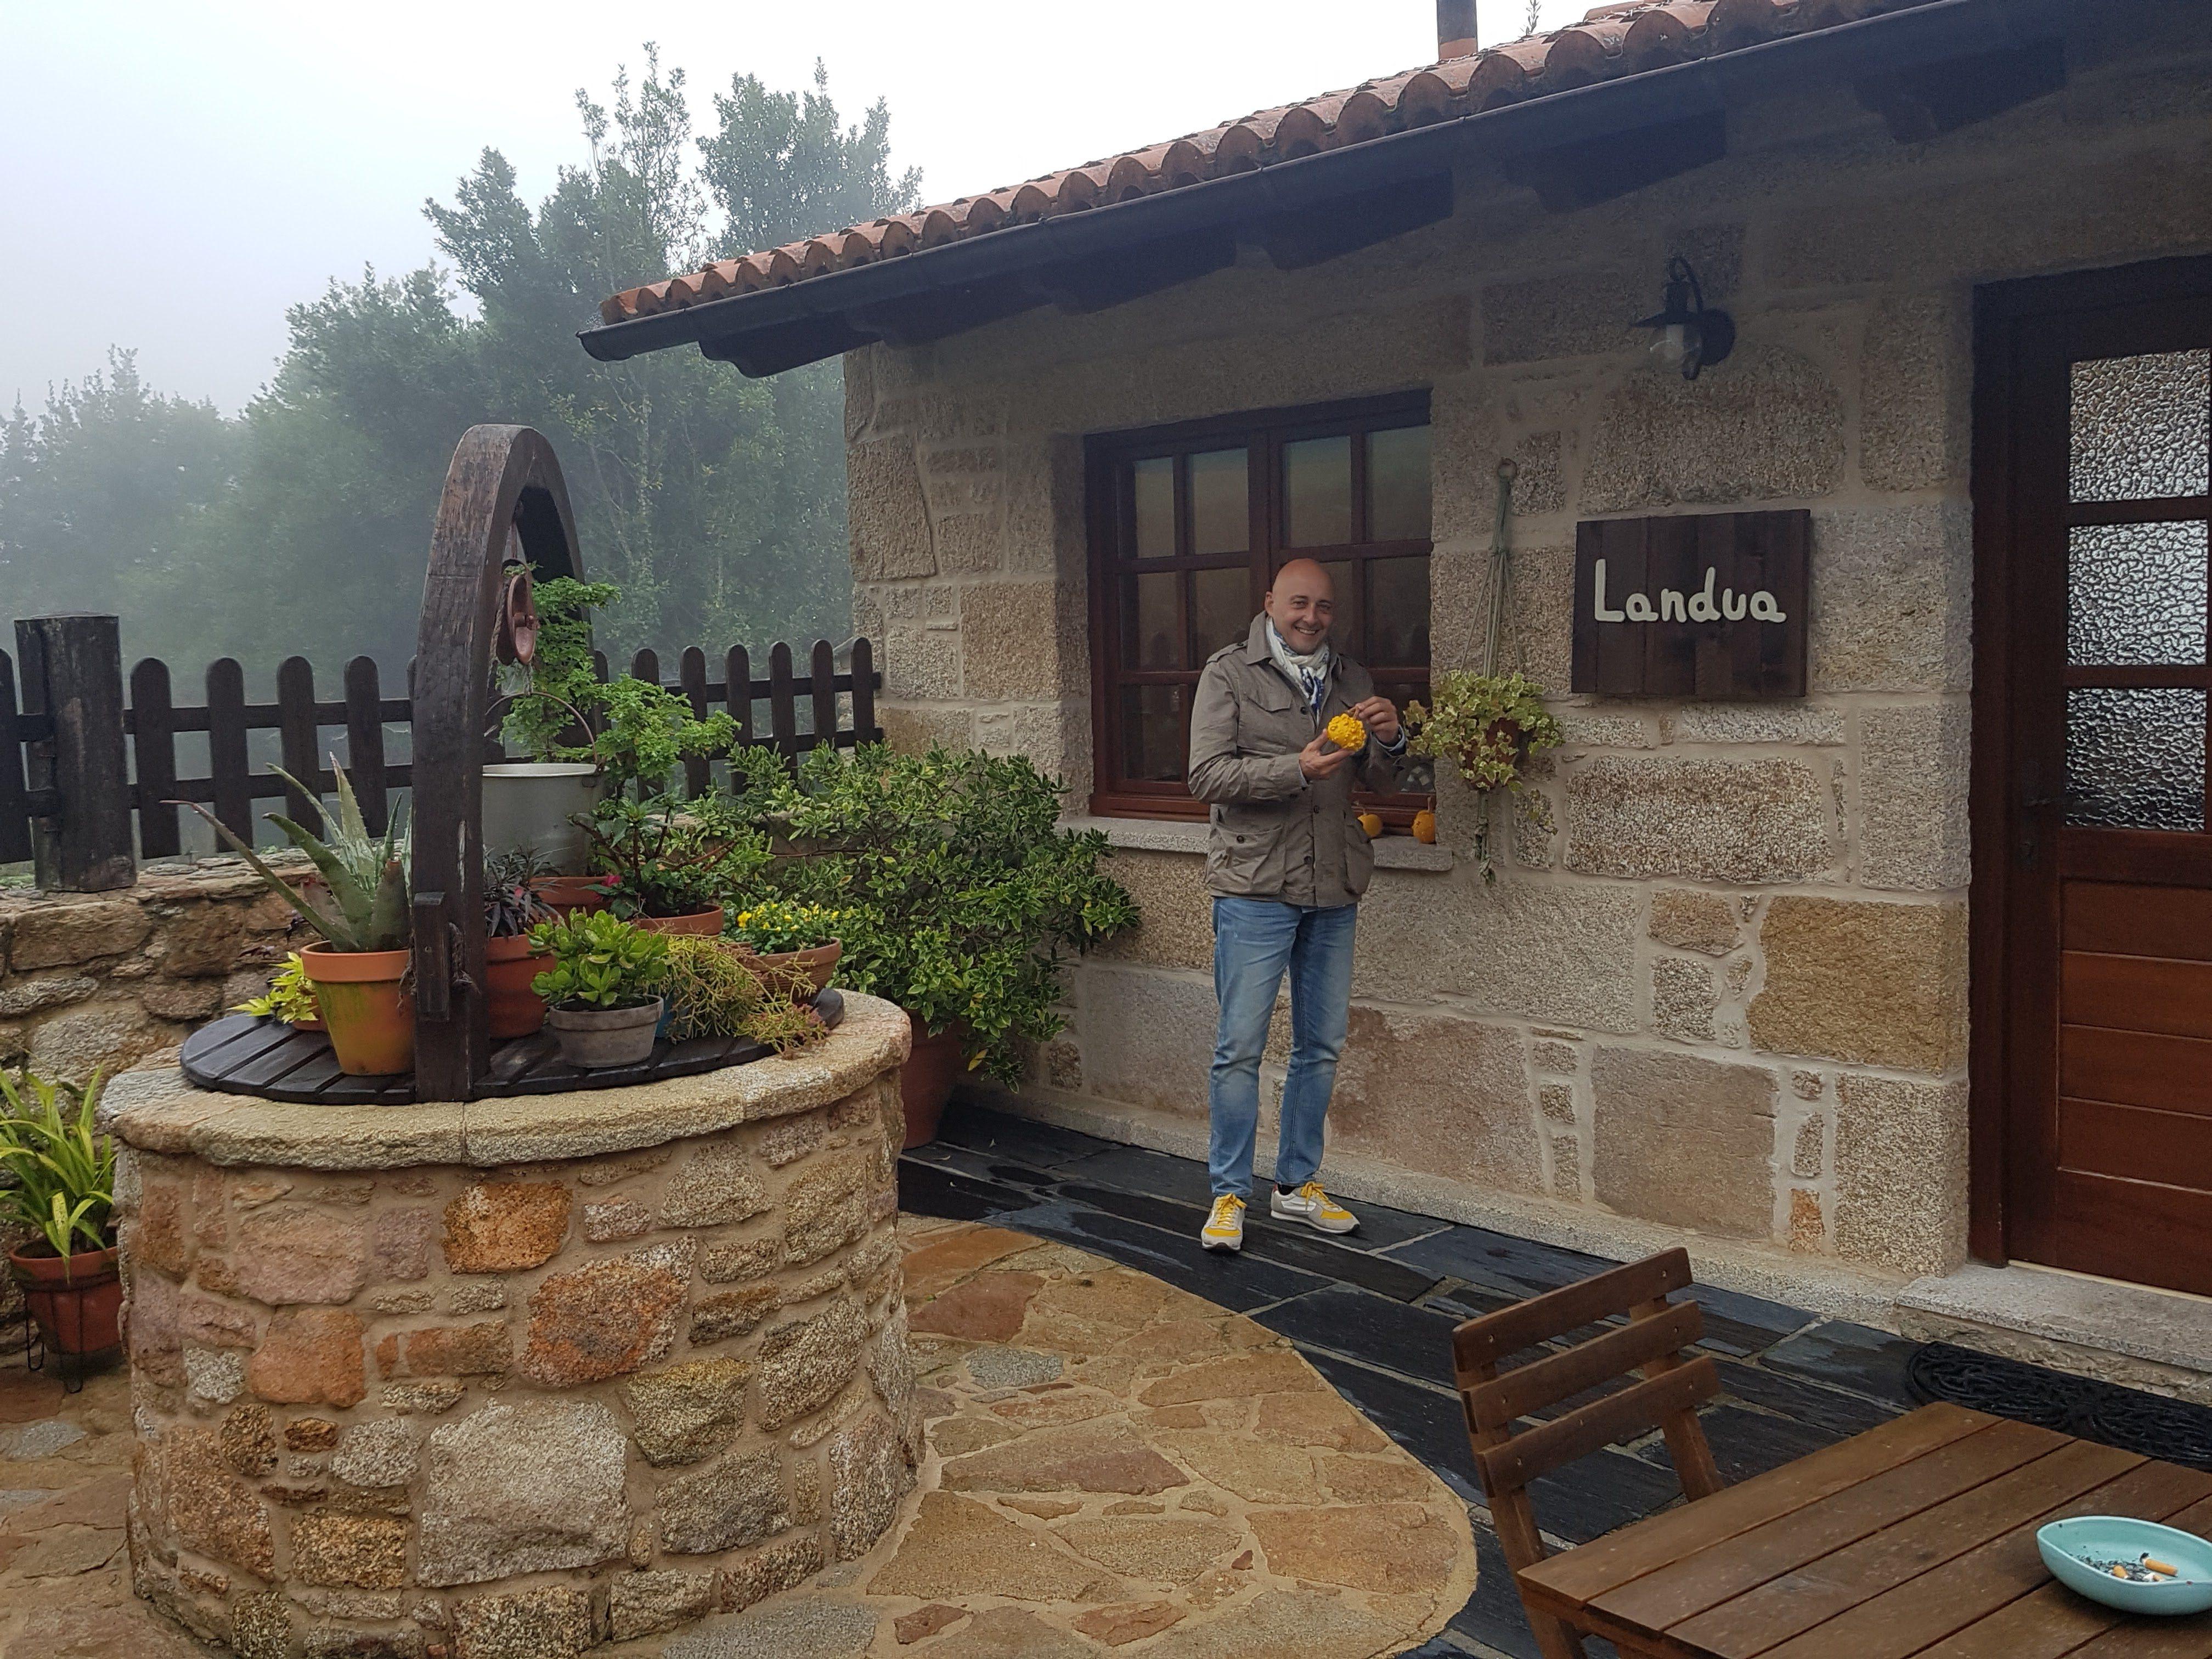 Restaurante Landua el descubrimiento de una apuesta por la calidad